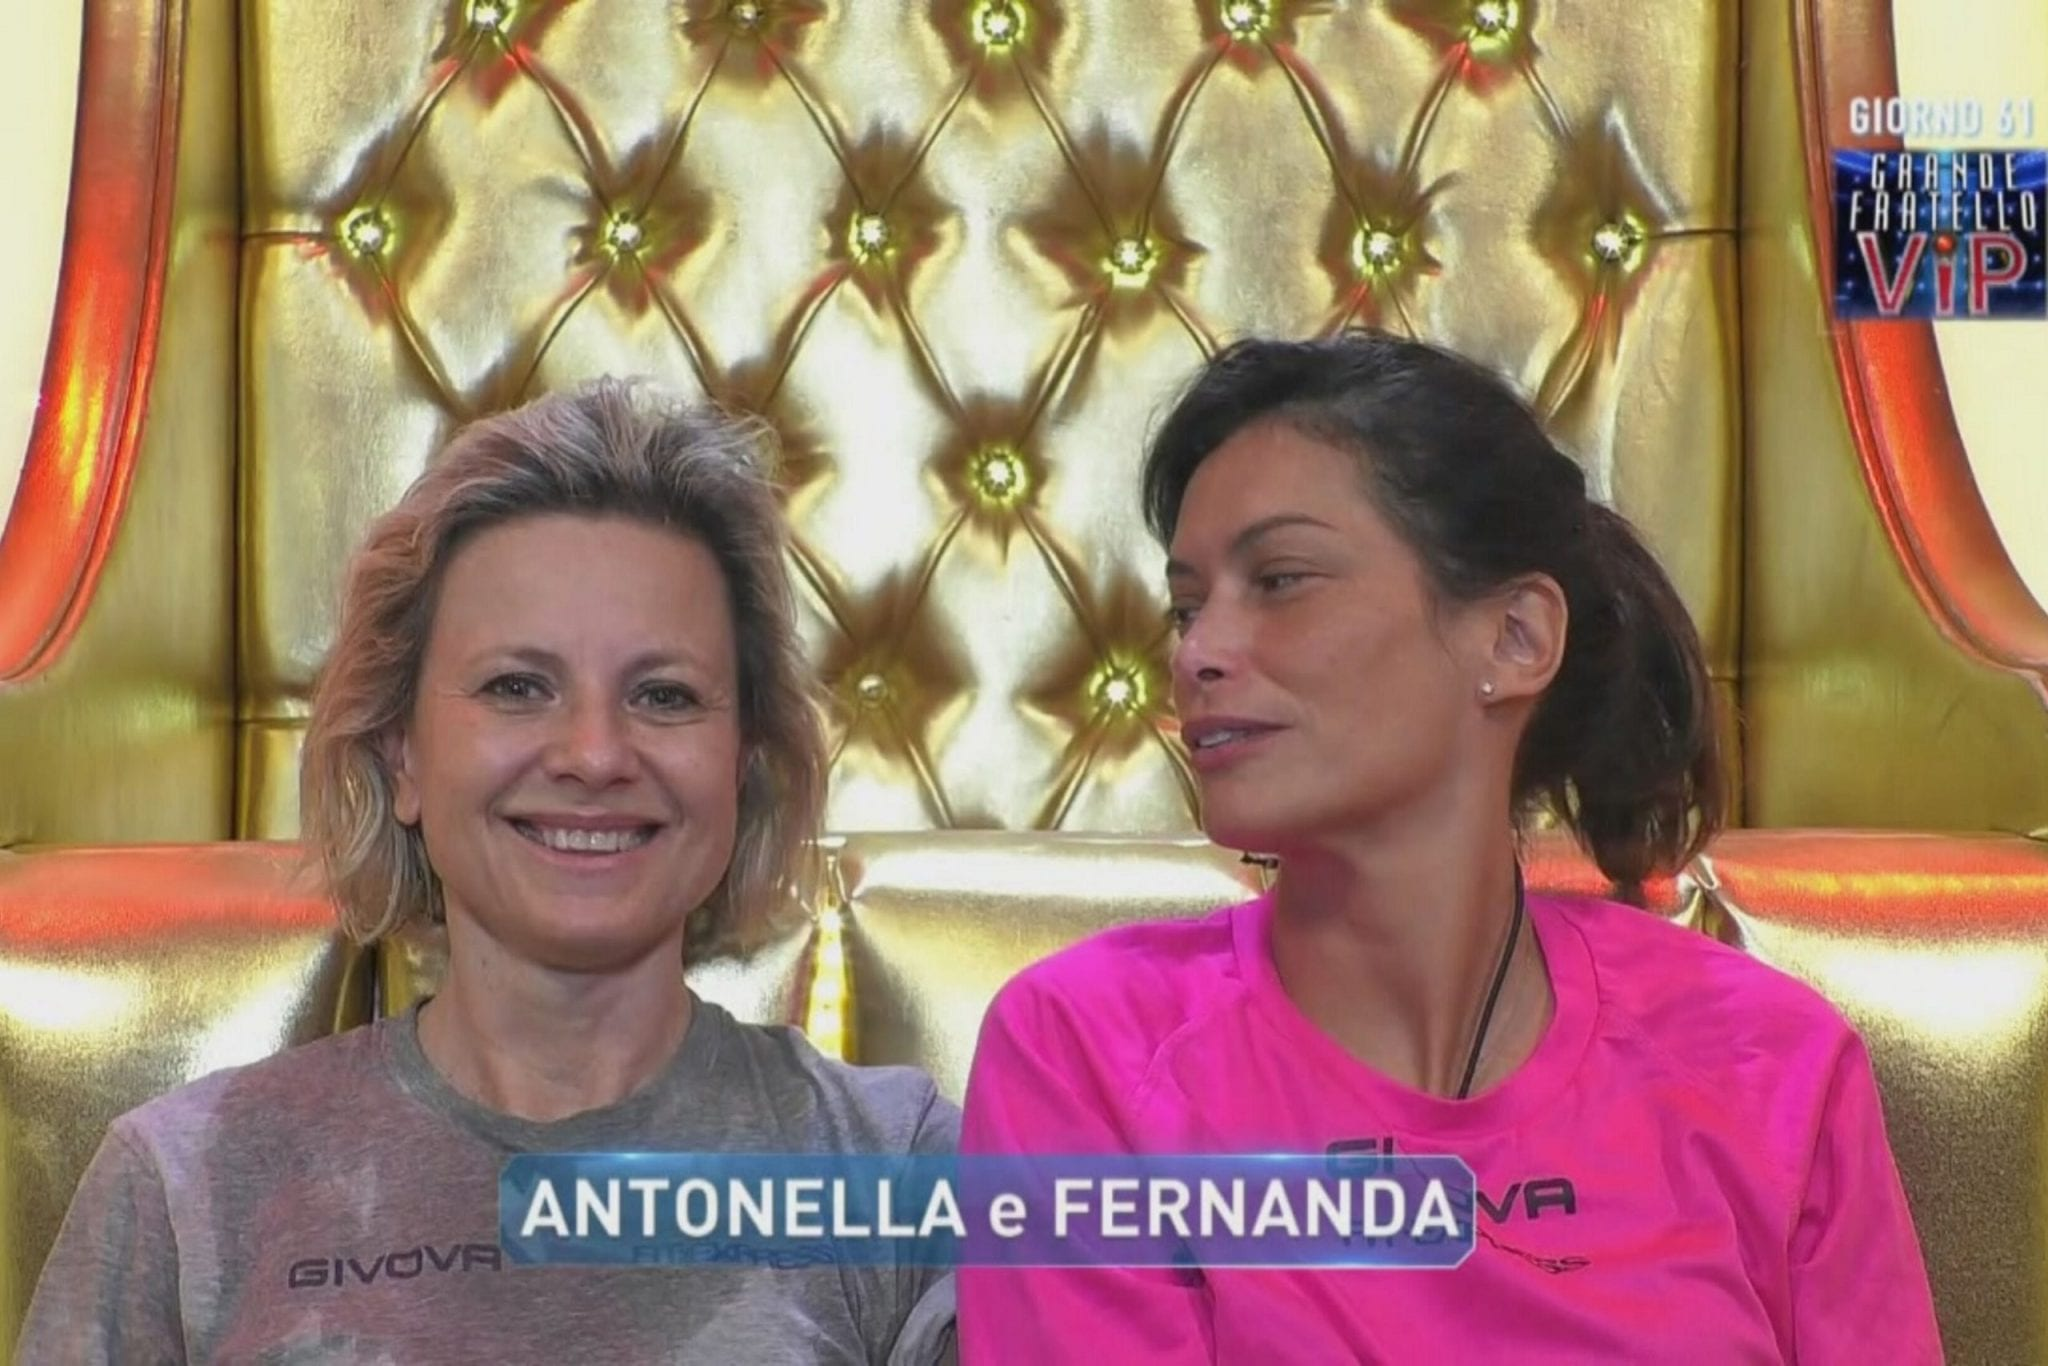 Live mercoledì 11 marzo 2020: GFVip 4, sedicesima puntata, con Alfonso Signorini, in prima serata su Canale 5